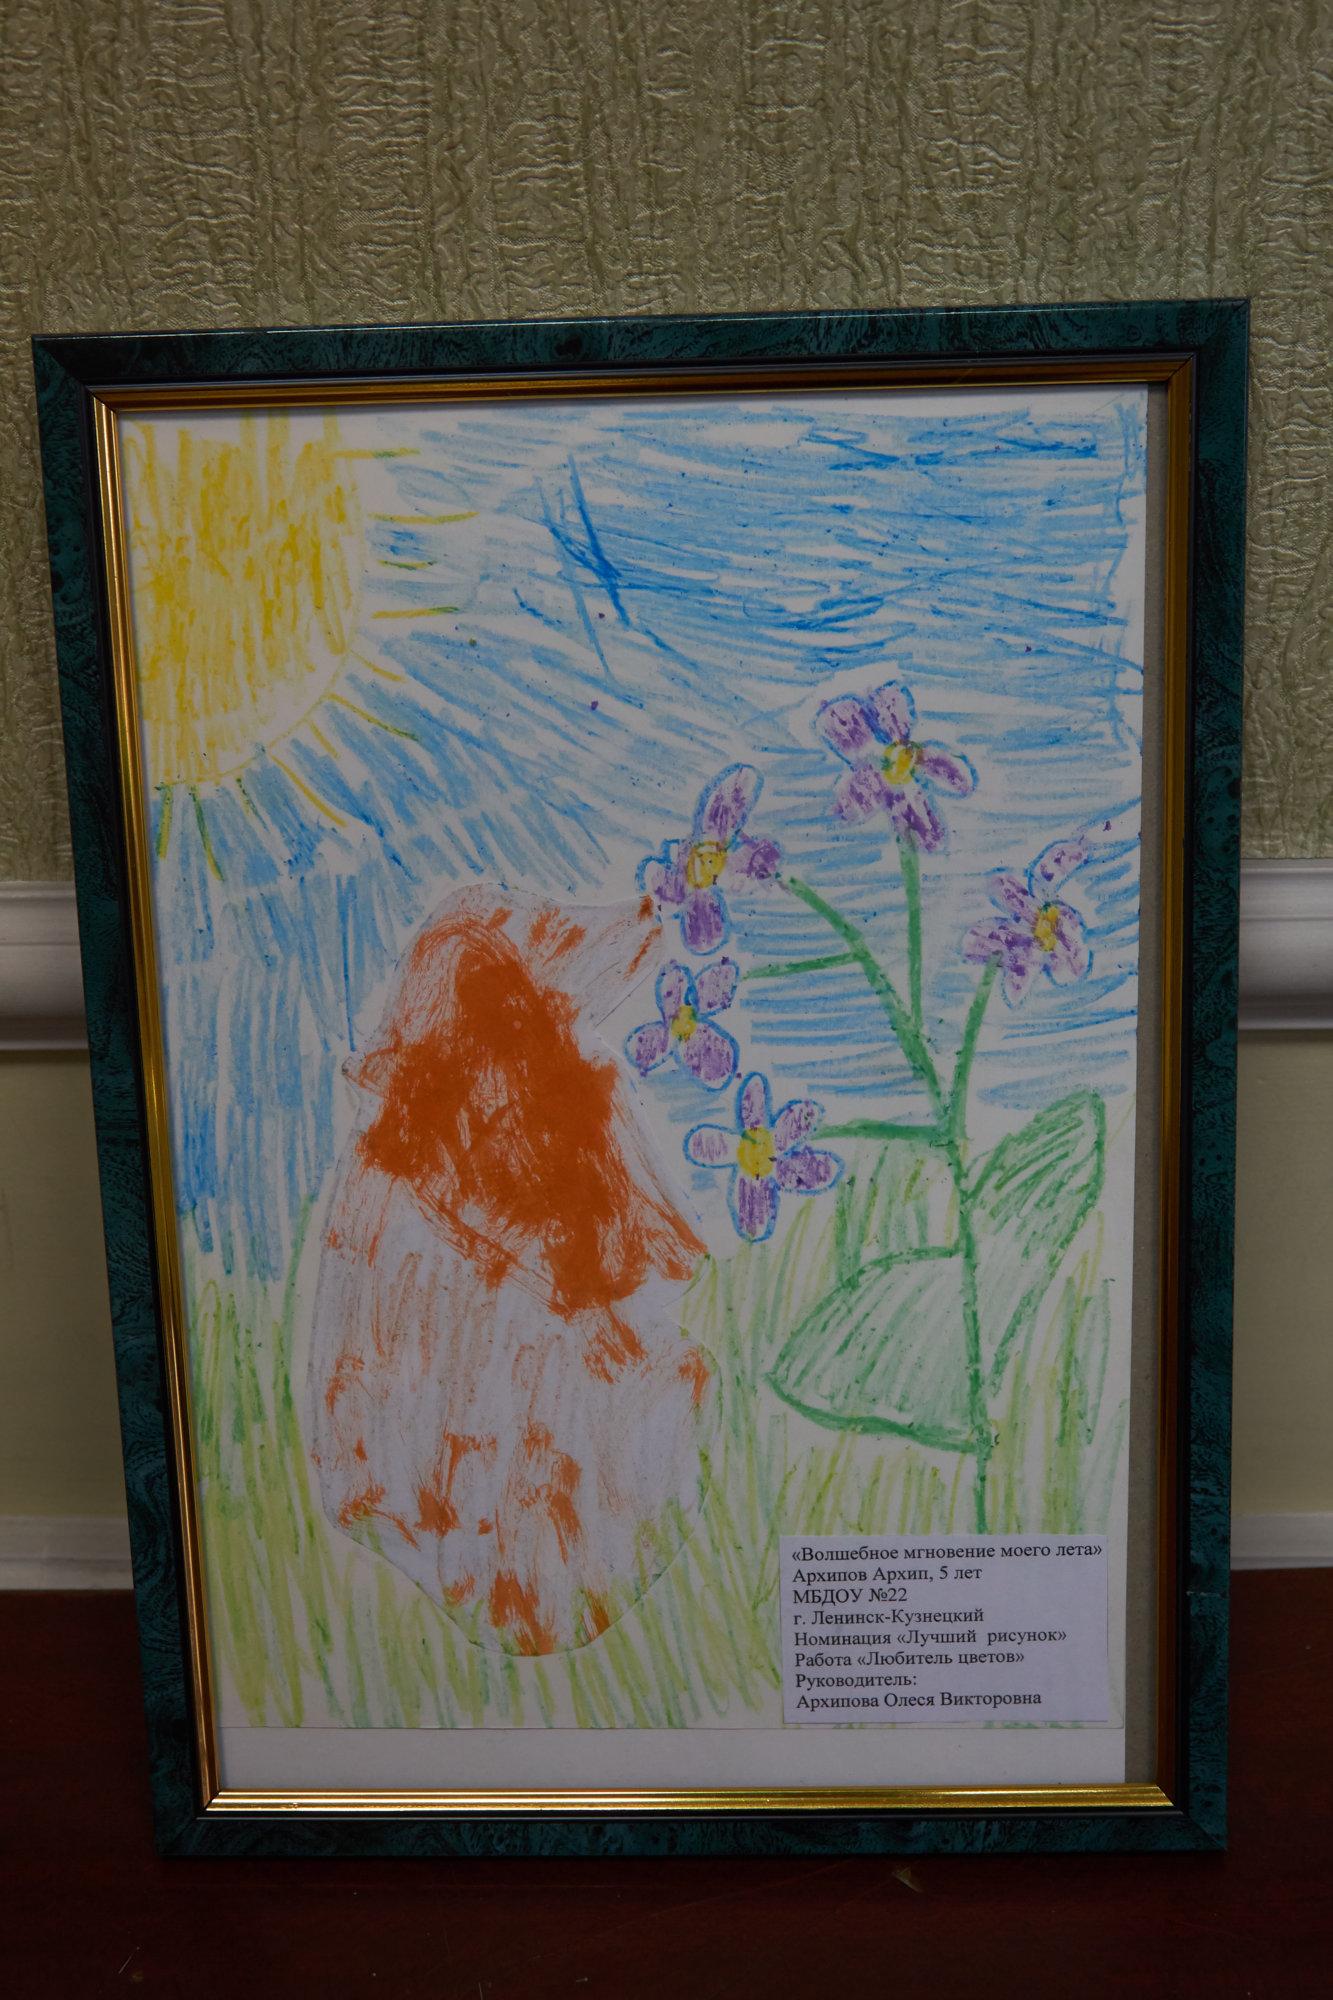 МБДОУ 22 Любитель цветов